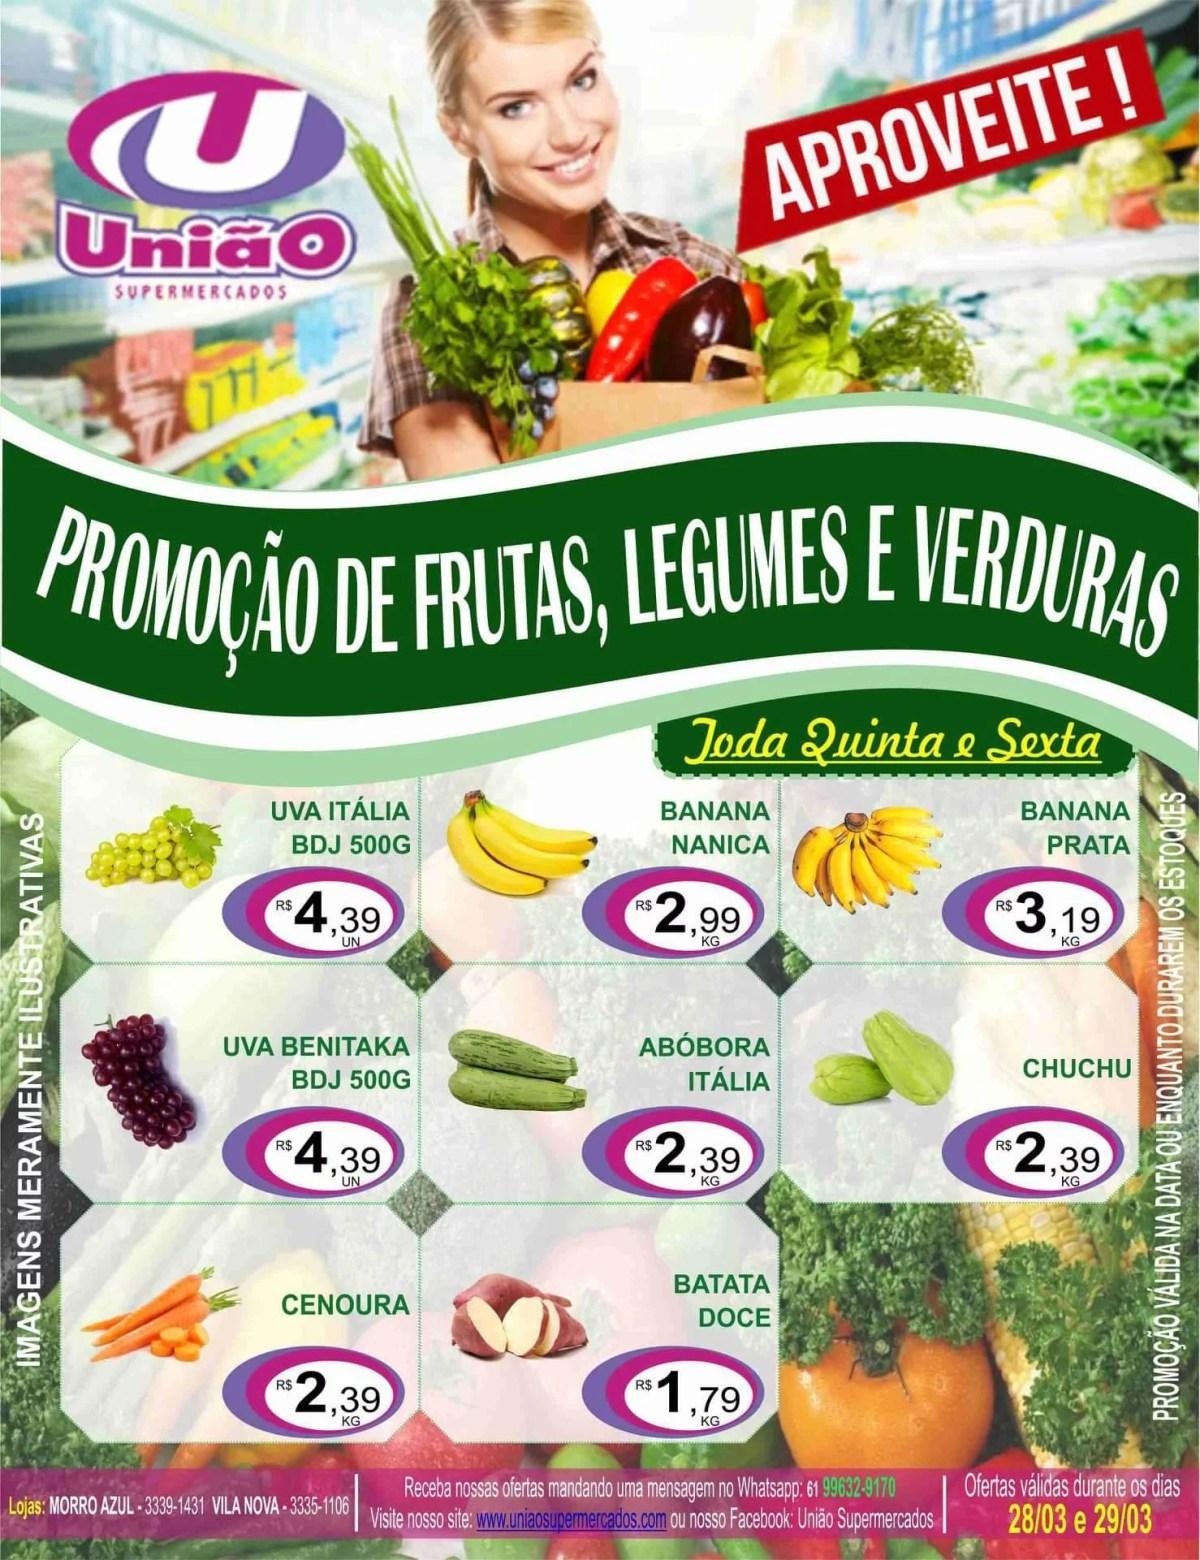 Ofertas Supermercado União21